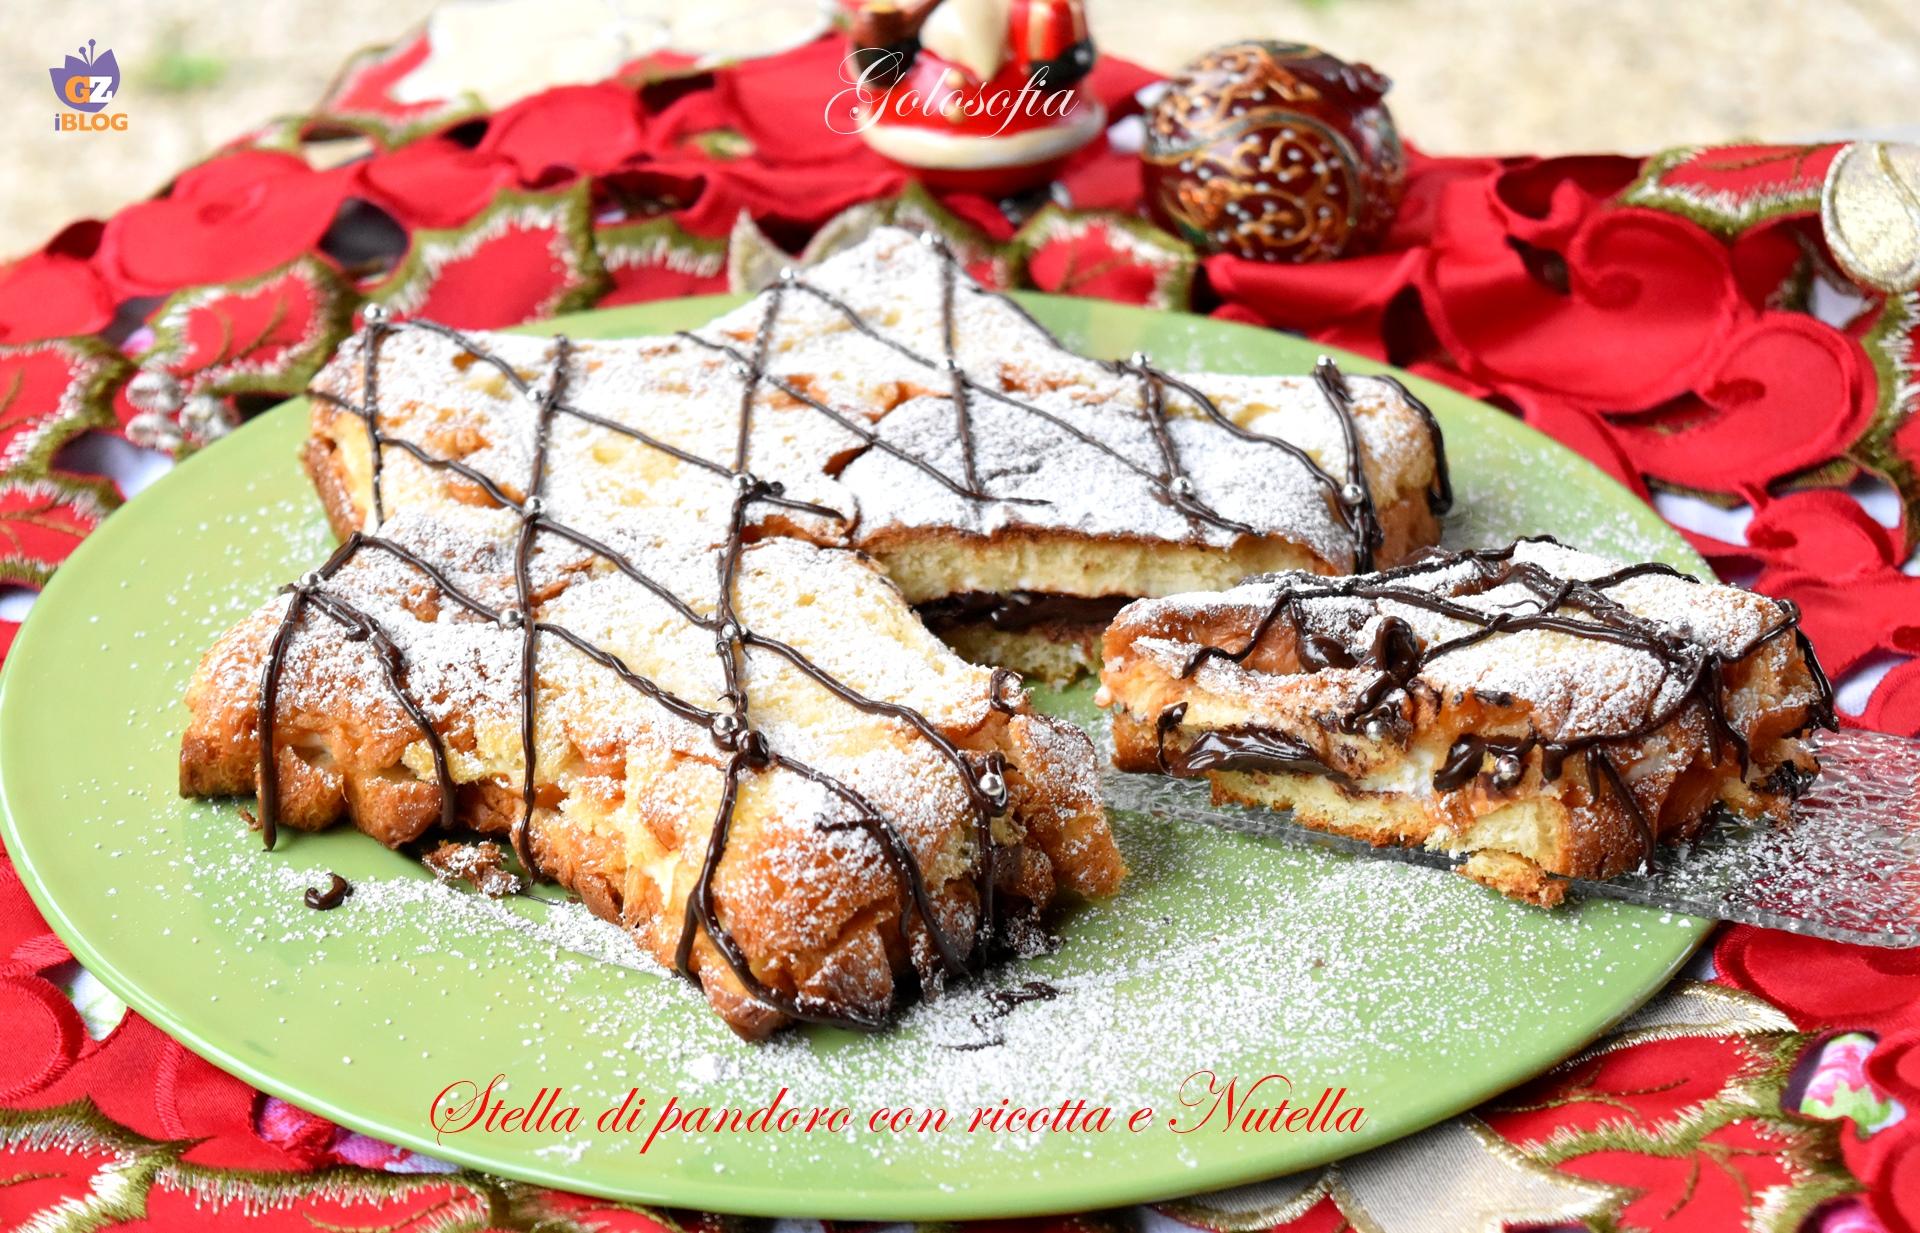 Stella di pandoro con ricotta e Nutella-ricetta torte-golosofia